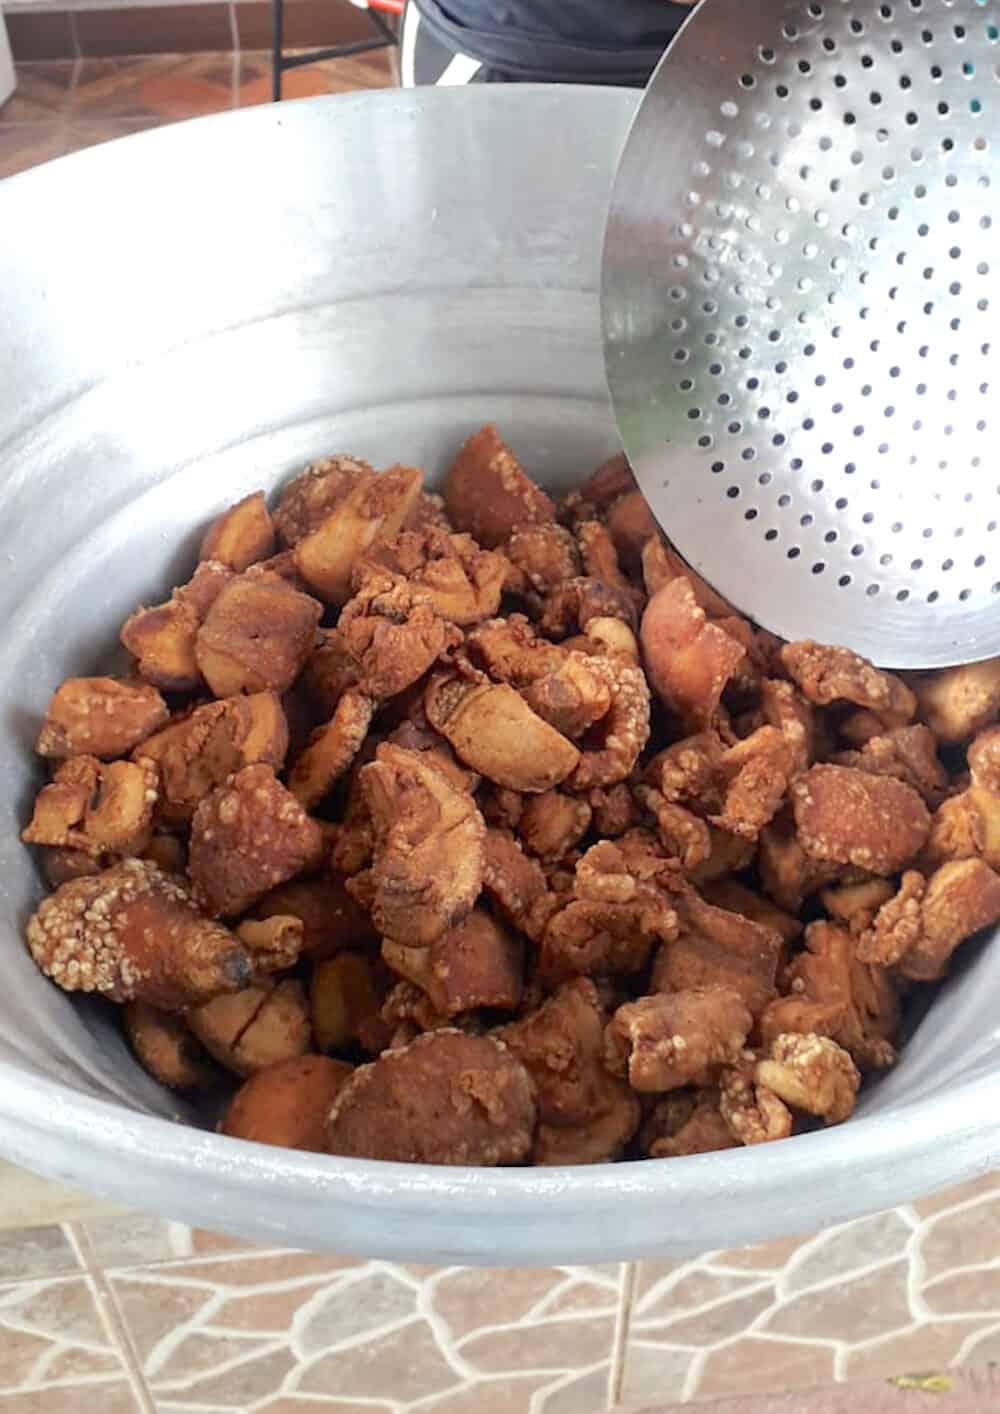 Crispy fried chicharrones in a metal pot.